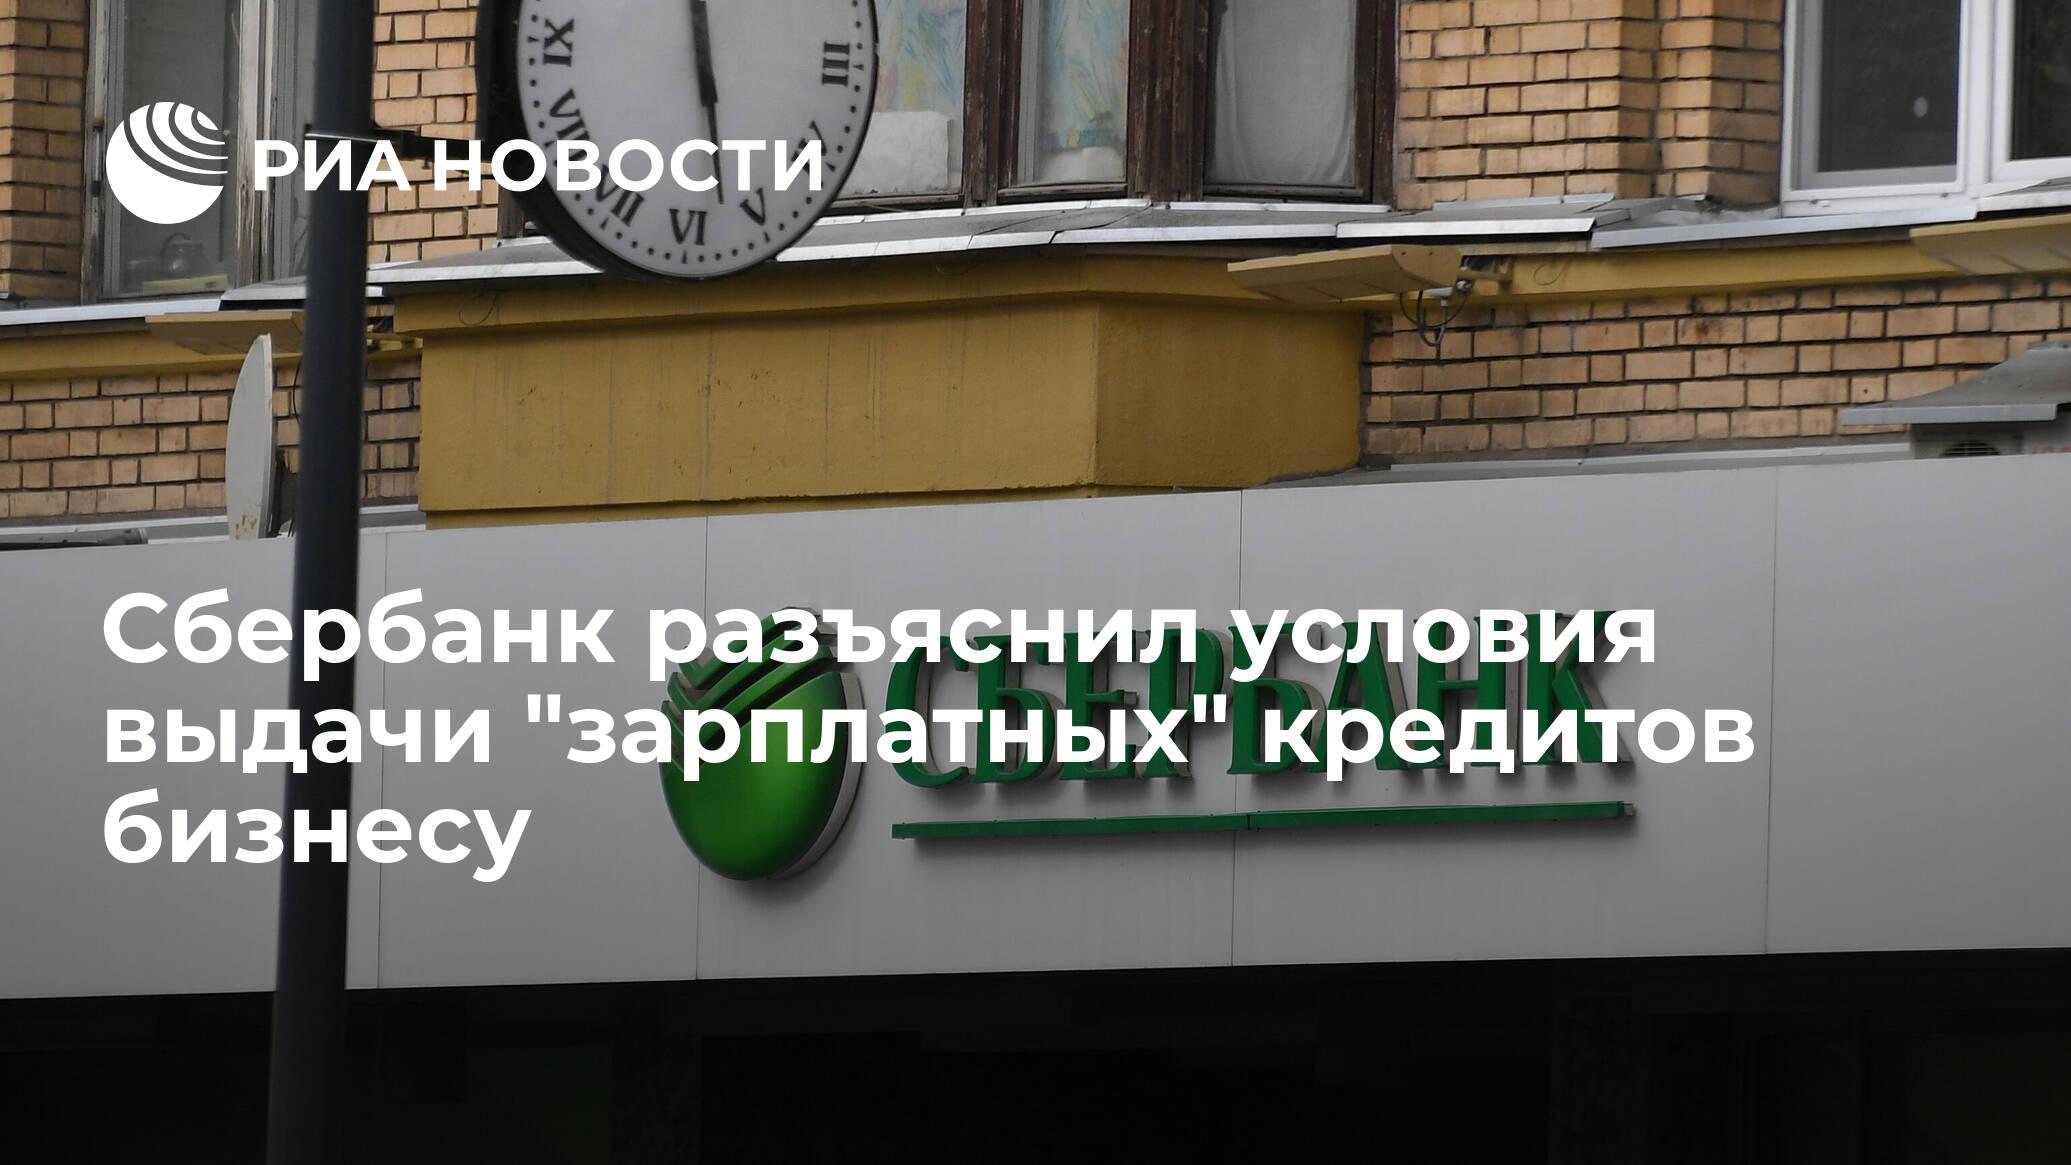 """Сбербанк разъяснил условия выдачи """"зарплатных"""" кредитов бизнесу"""